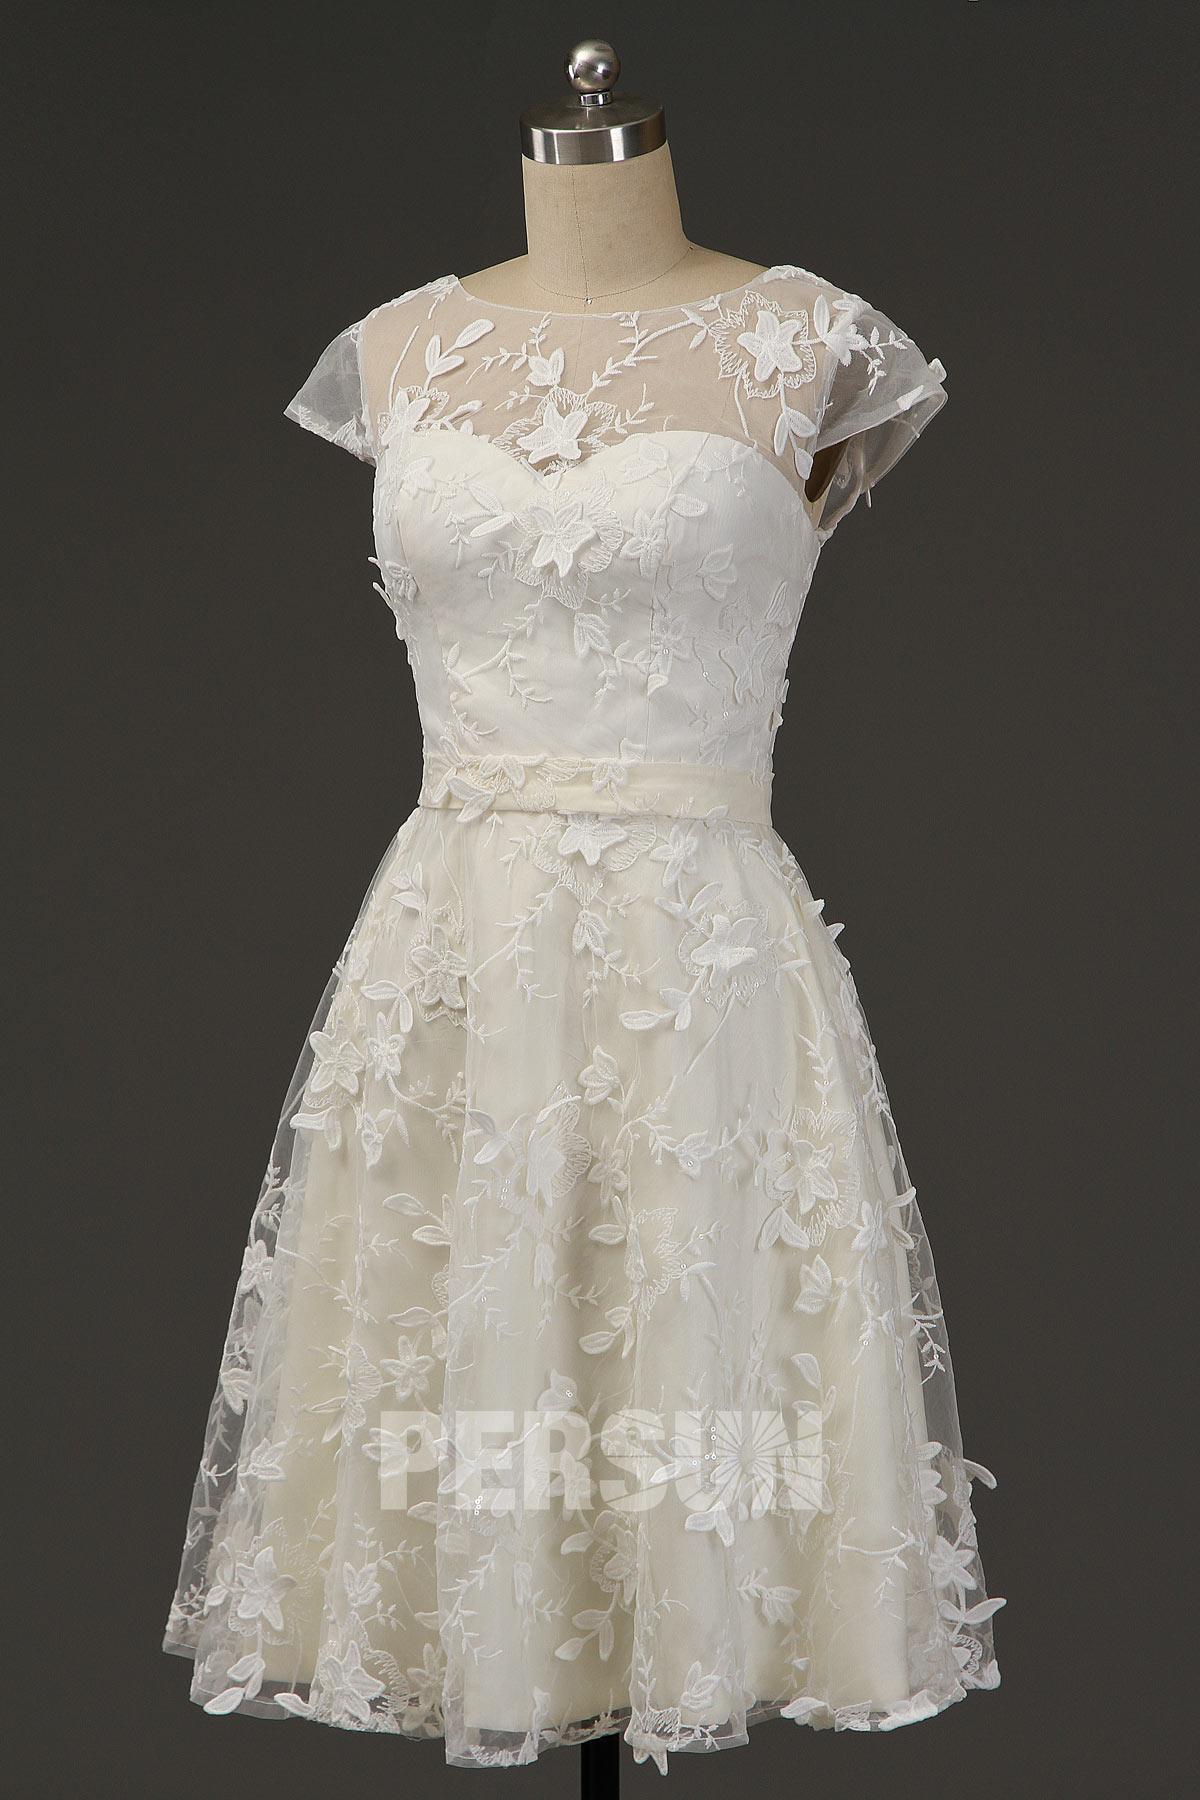 robe invité mariage champagne clair courte col illusion embelli de fleur à manche courte